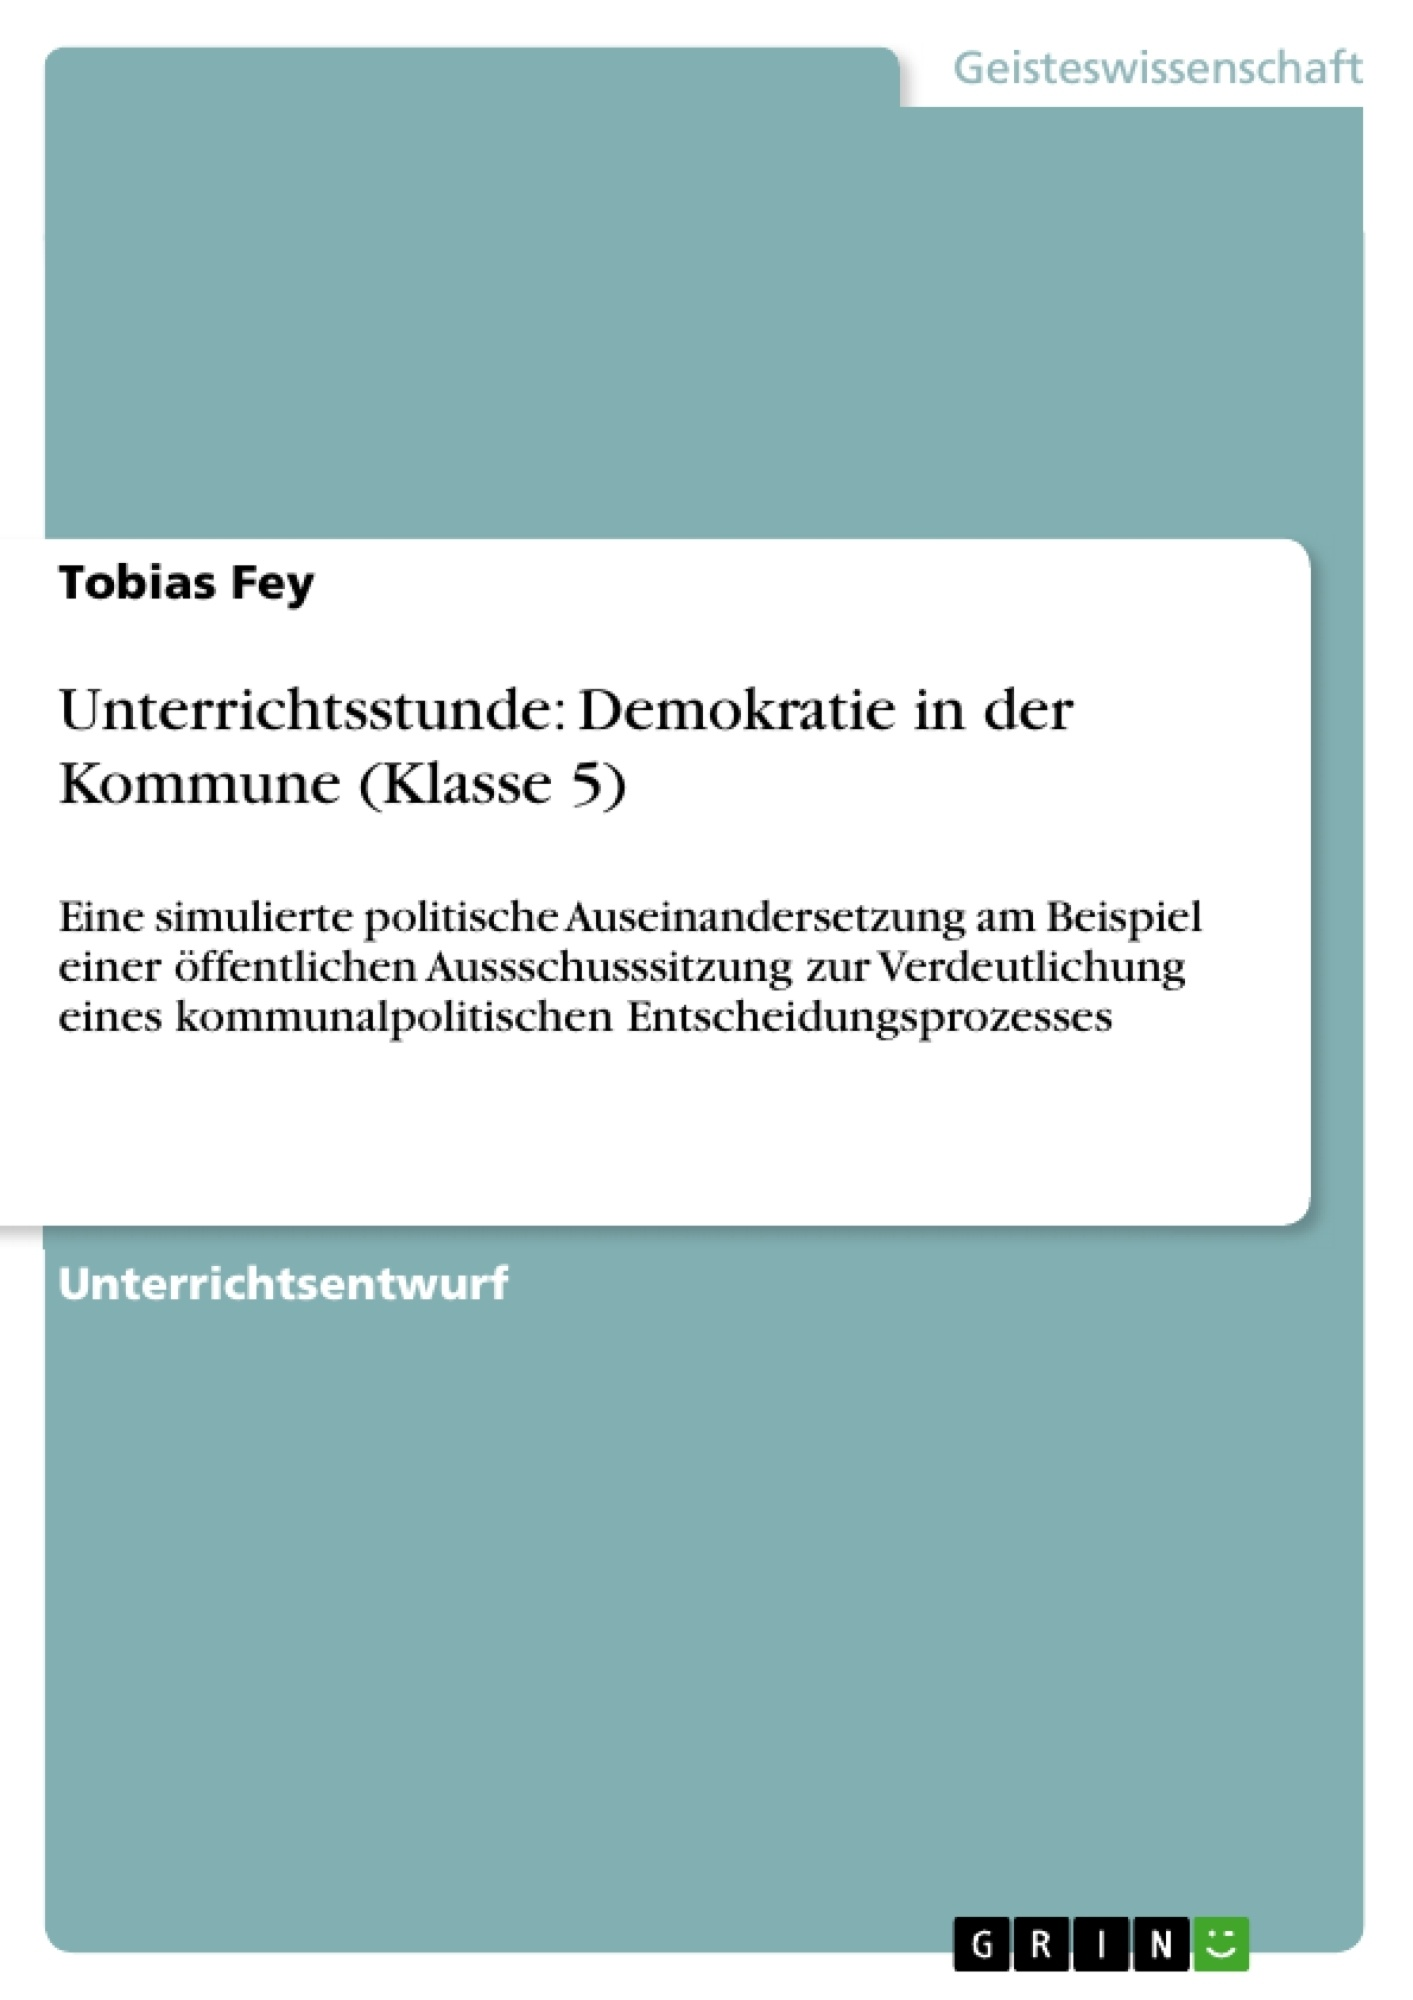 Titel: Unterrichtsstunde: Demokratie in der Kommune (Klasse 5)